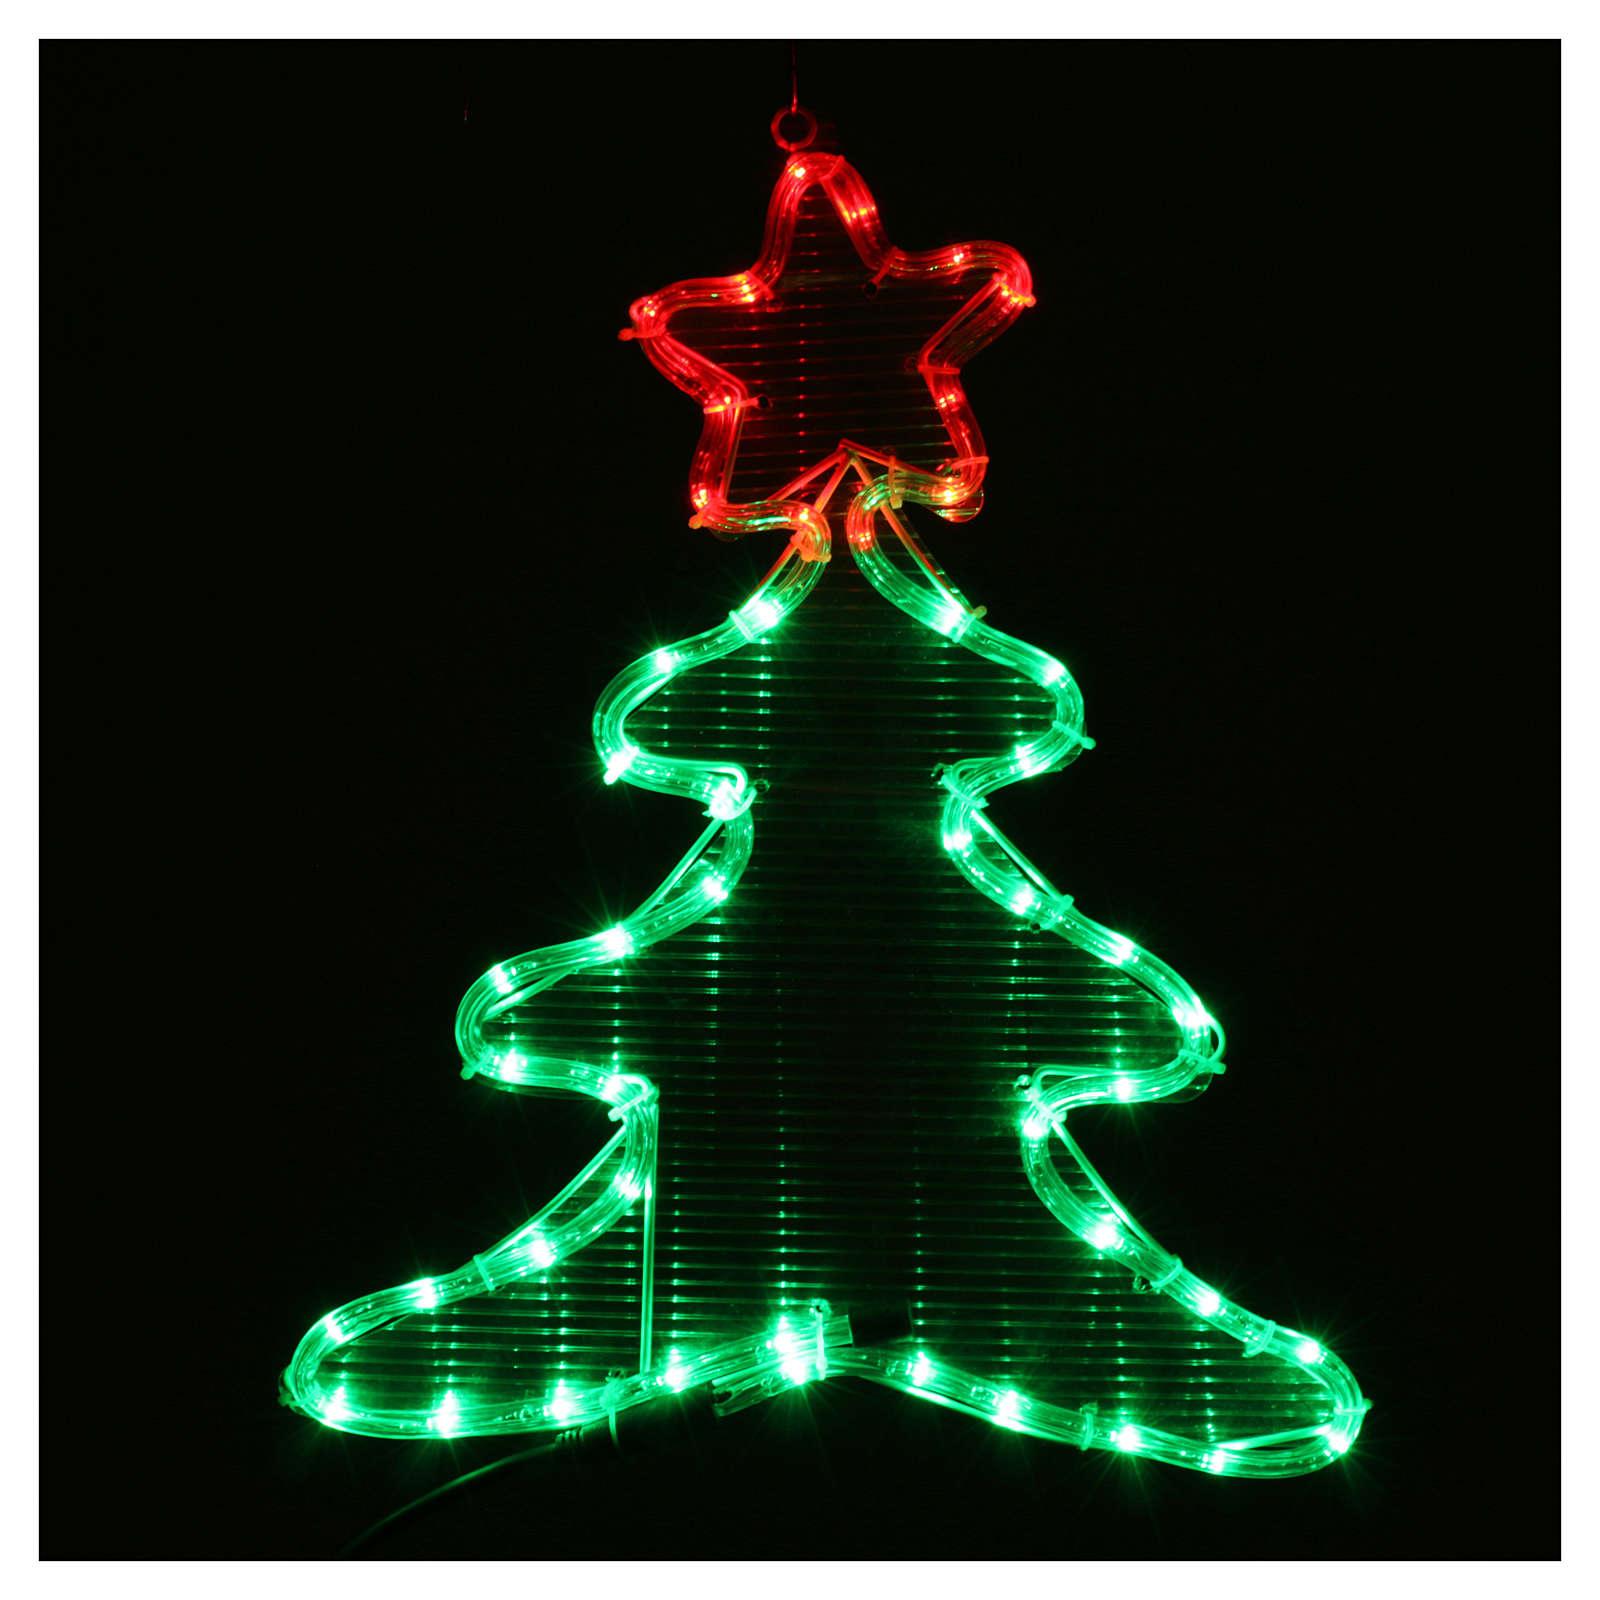 Luces de navidad rbol 48 led para interior y exterior venta online en holyart - Luces arbol de navidad ...